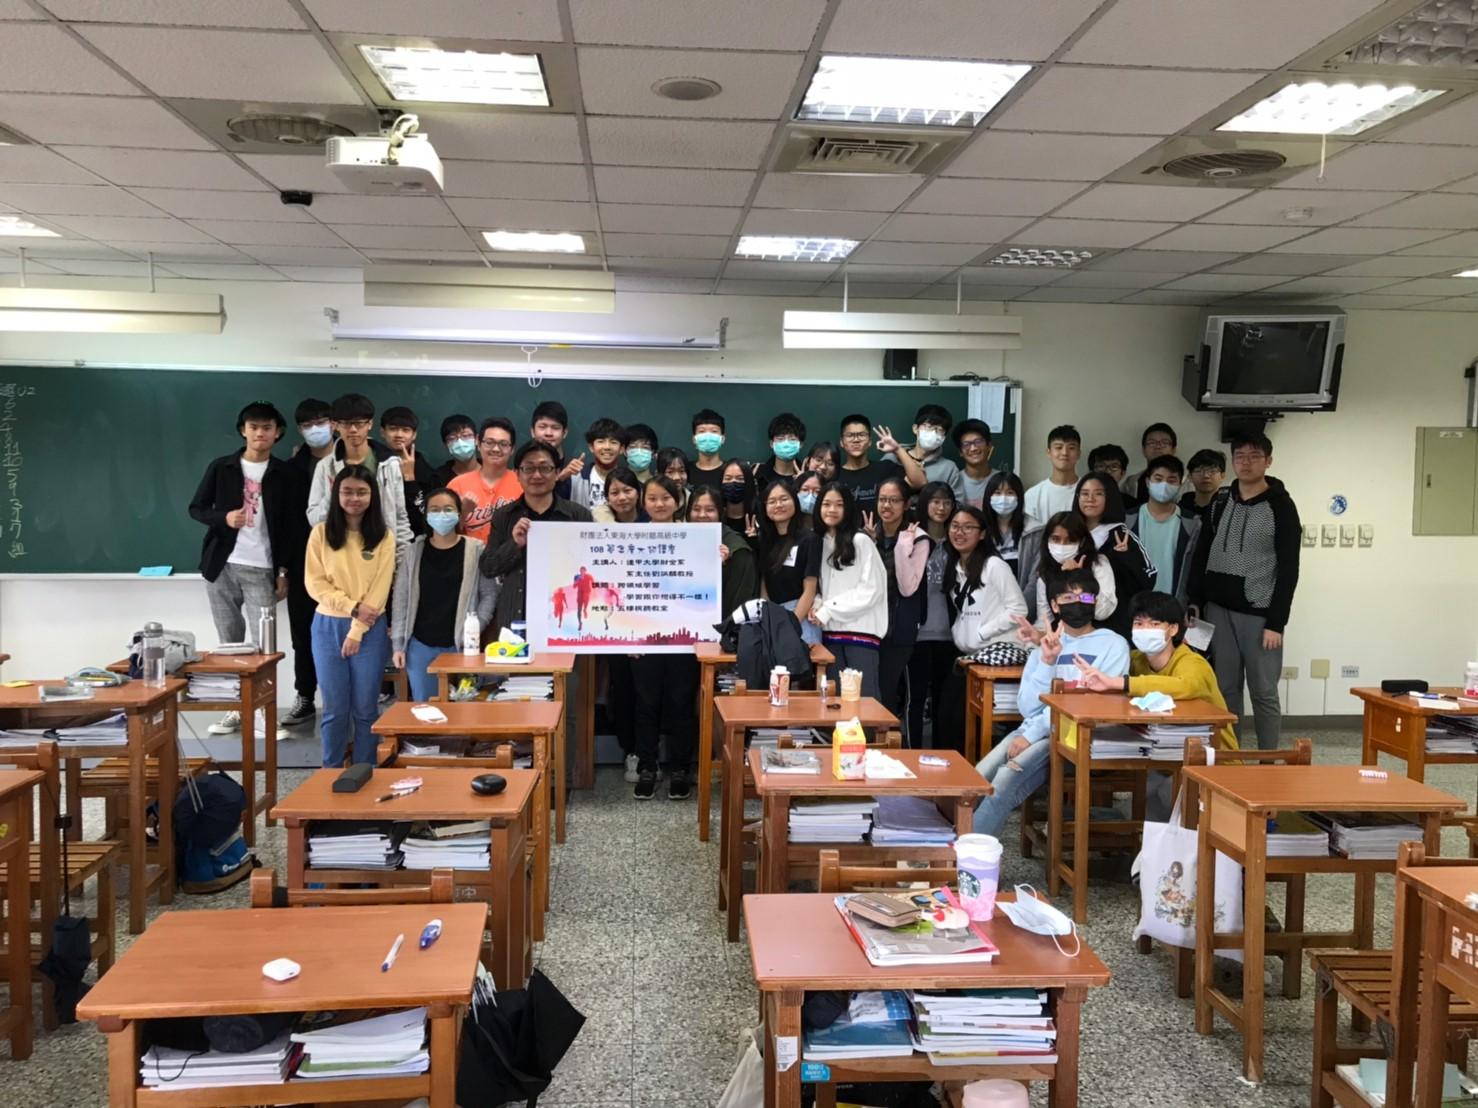 108學年度第二學期週六第一場大師講座